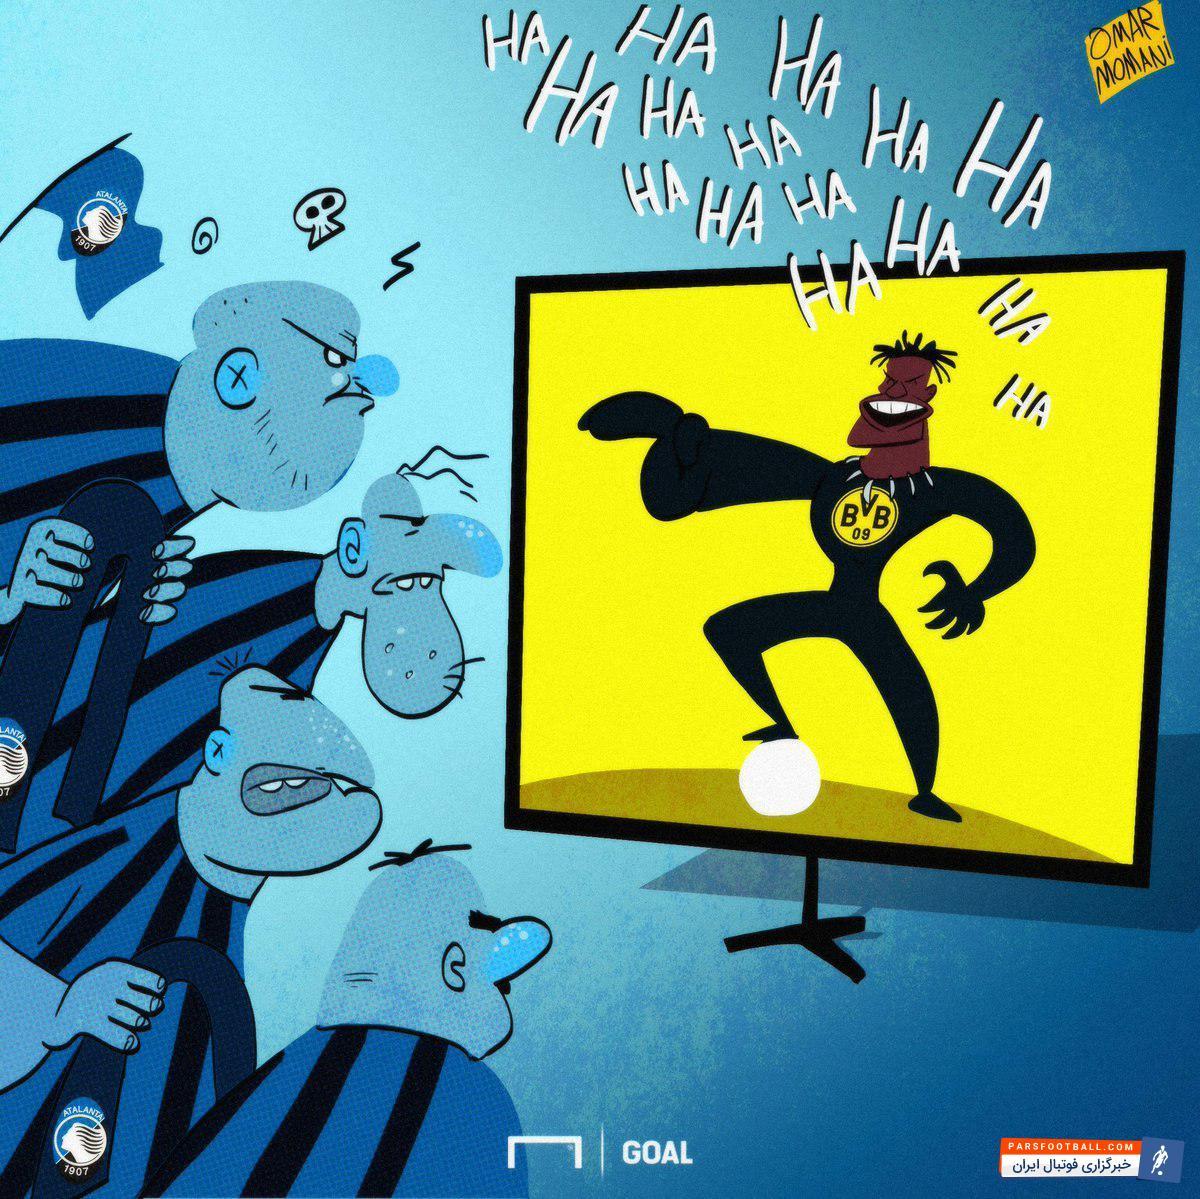 عکس ؛ کاریکاتور ؛ ستاره دورتموند حرکت زشت هواداران آتالانتا را بی پاسخ نگذاشت !